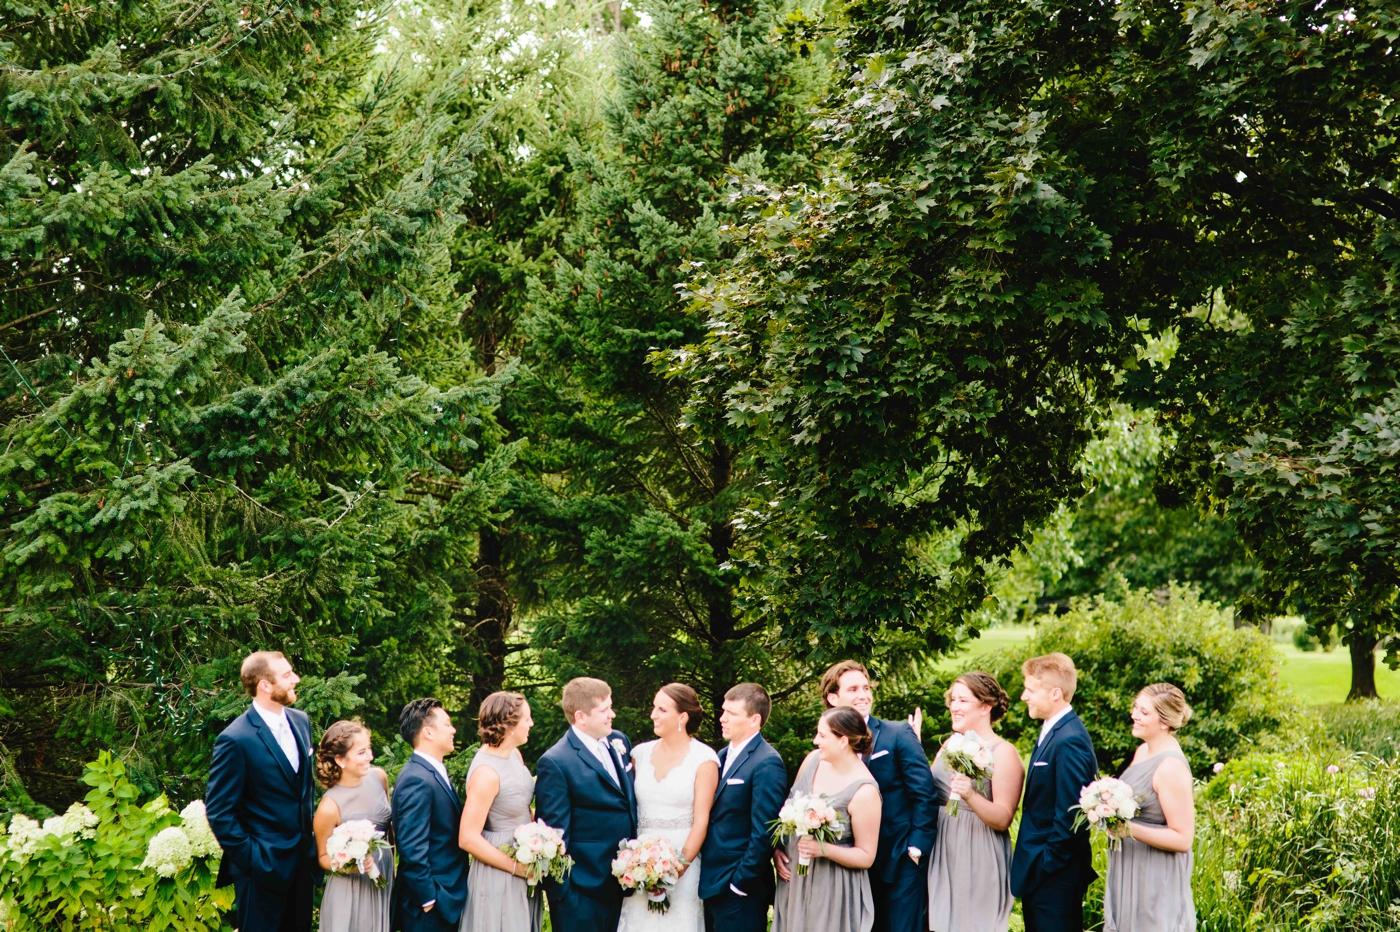 chicago-fine-art-wedding-photography-neuendank33